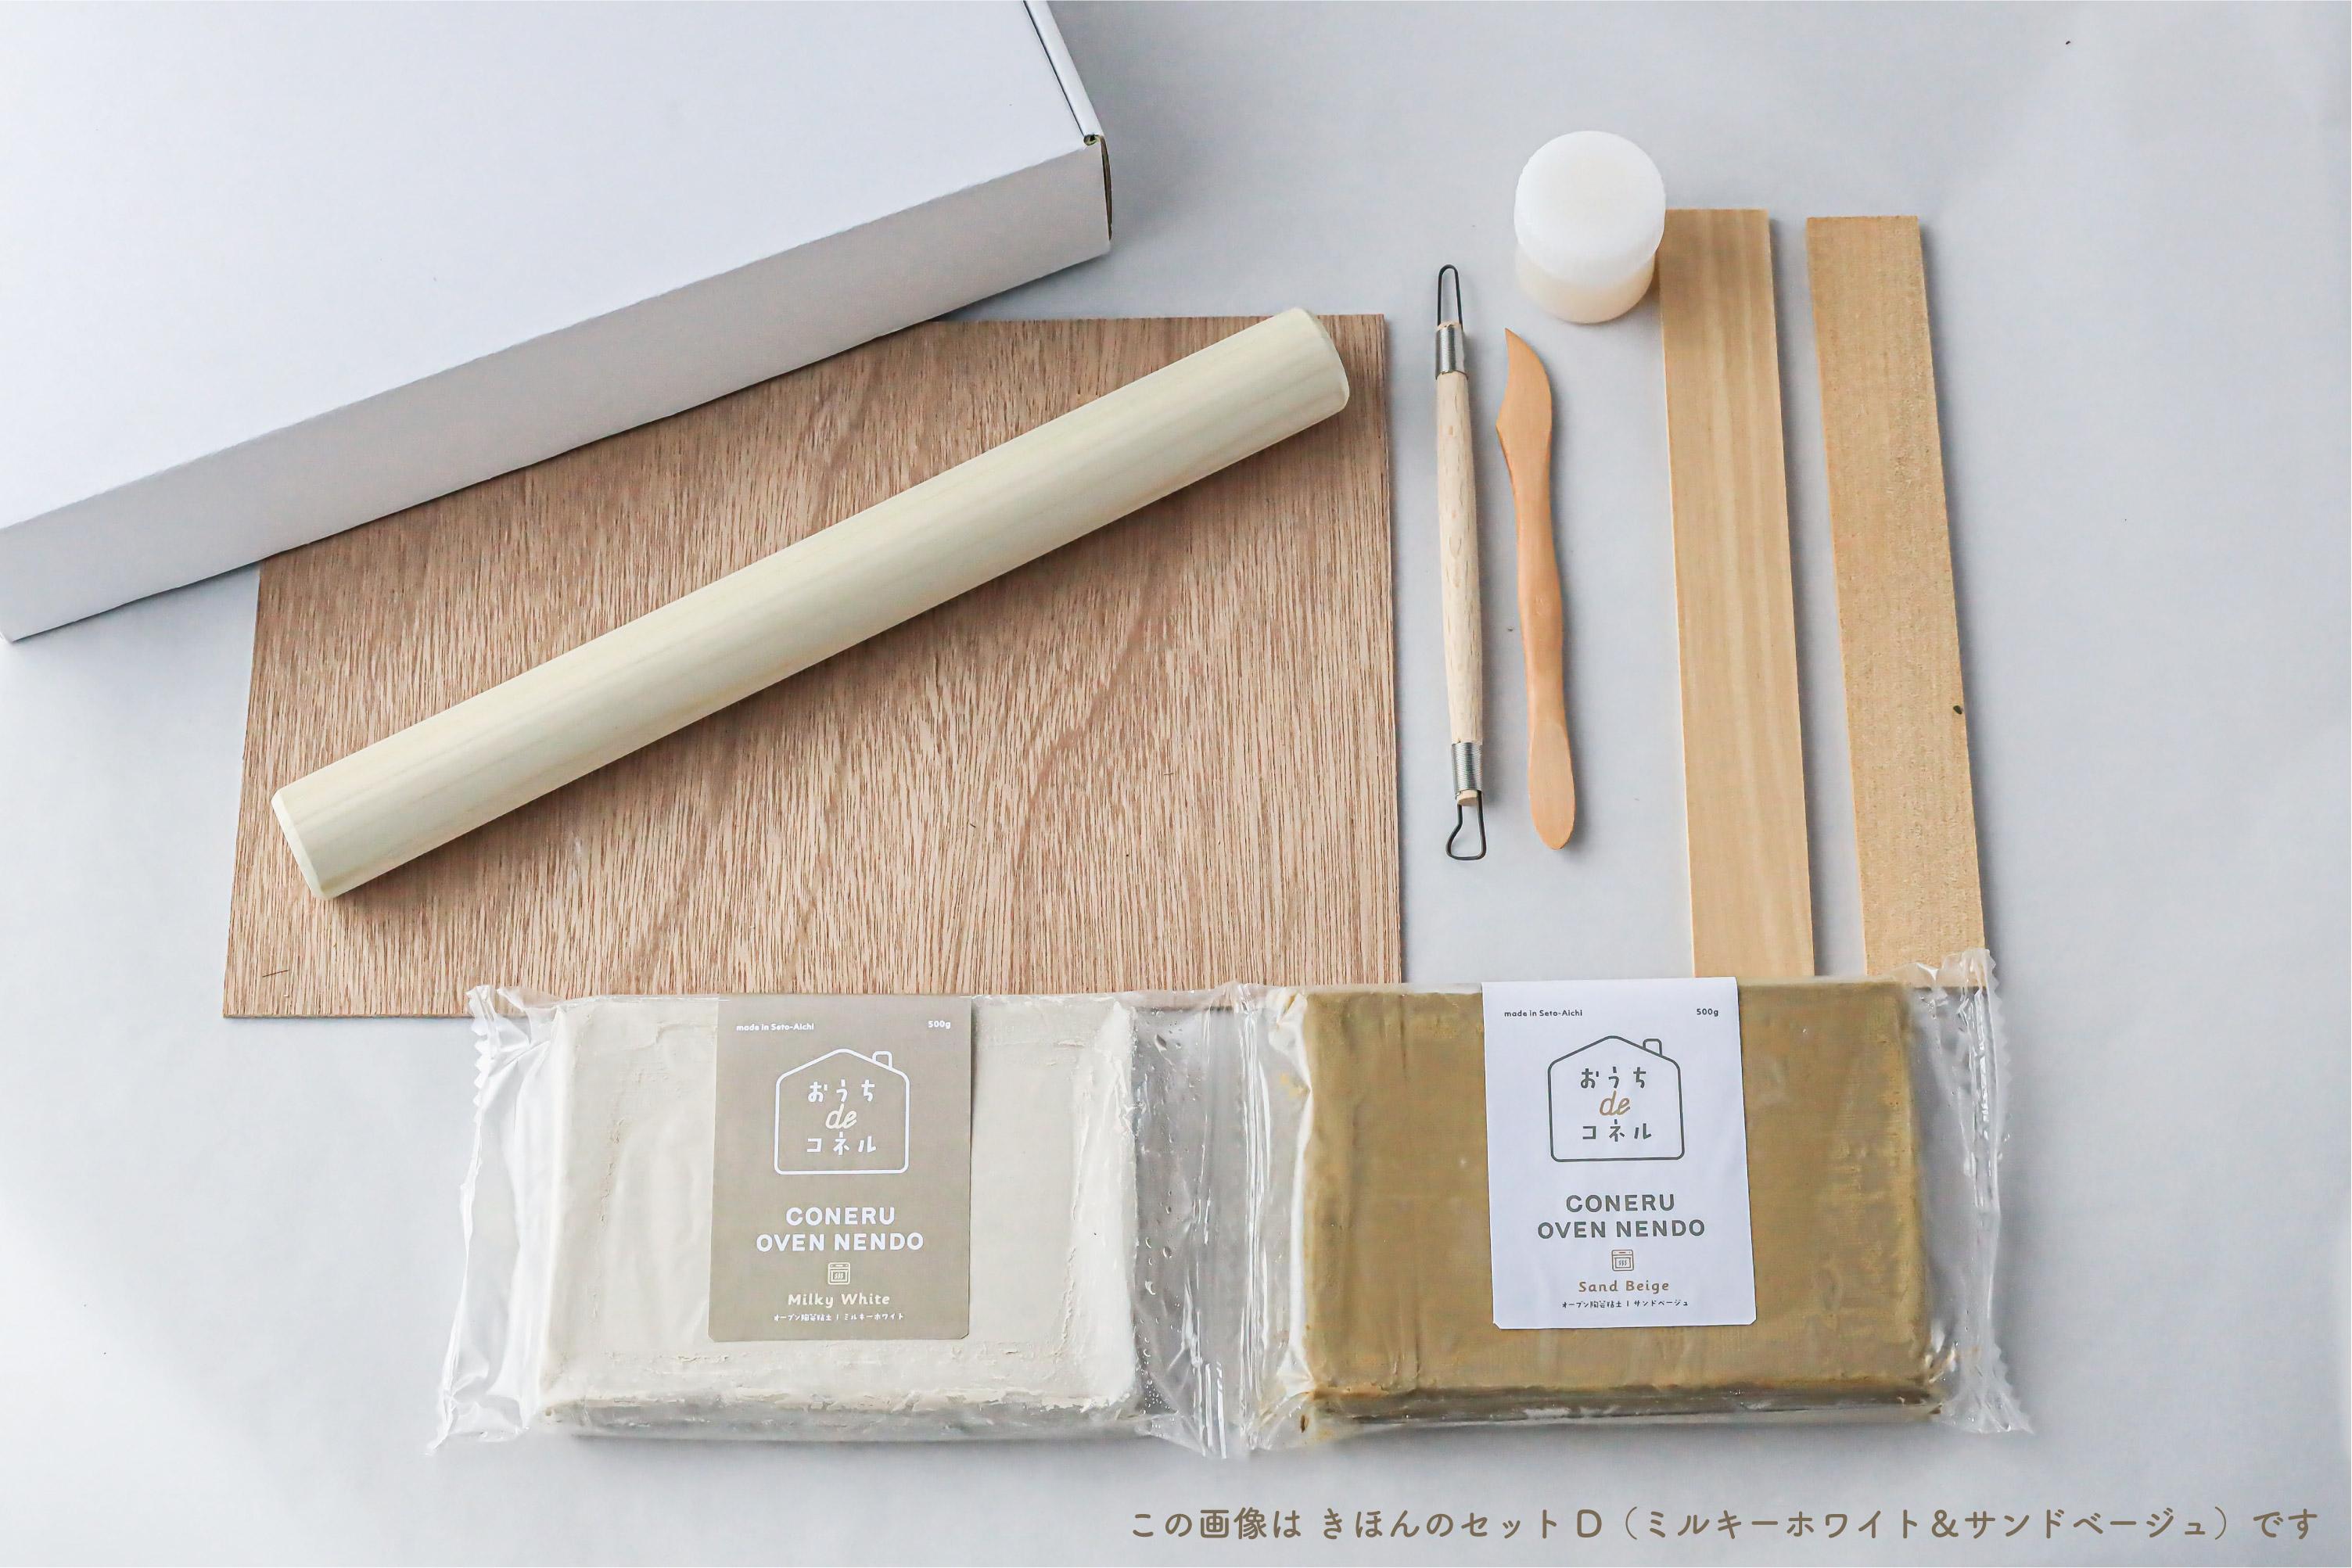 CONERU 『オーブン陶芸粘土 きほんのセット』再入荷のお知らせ